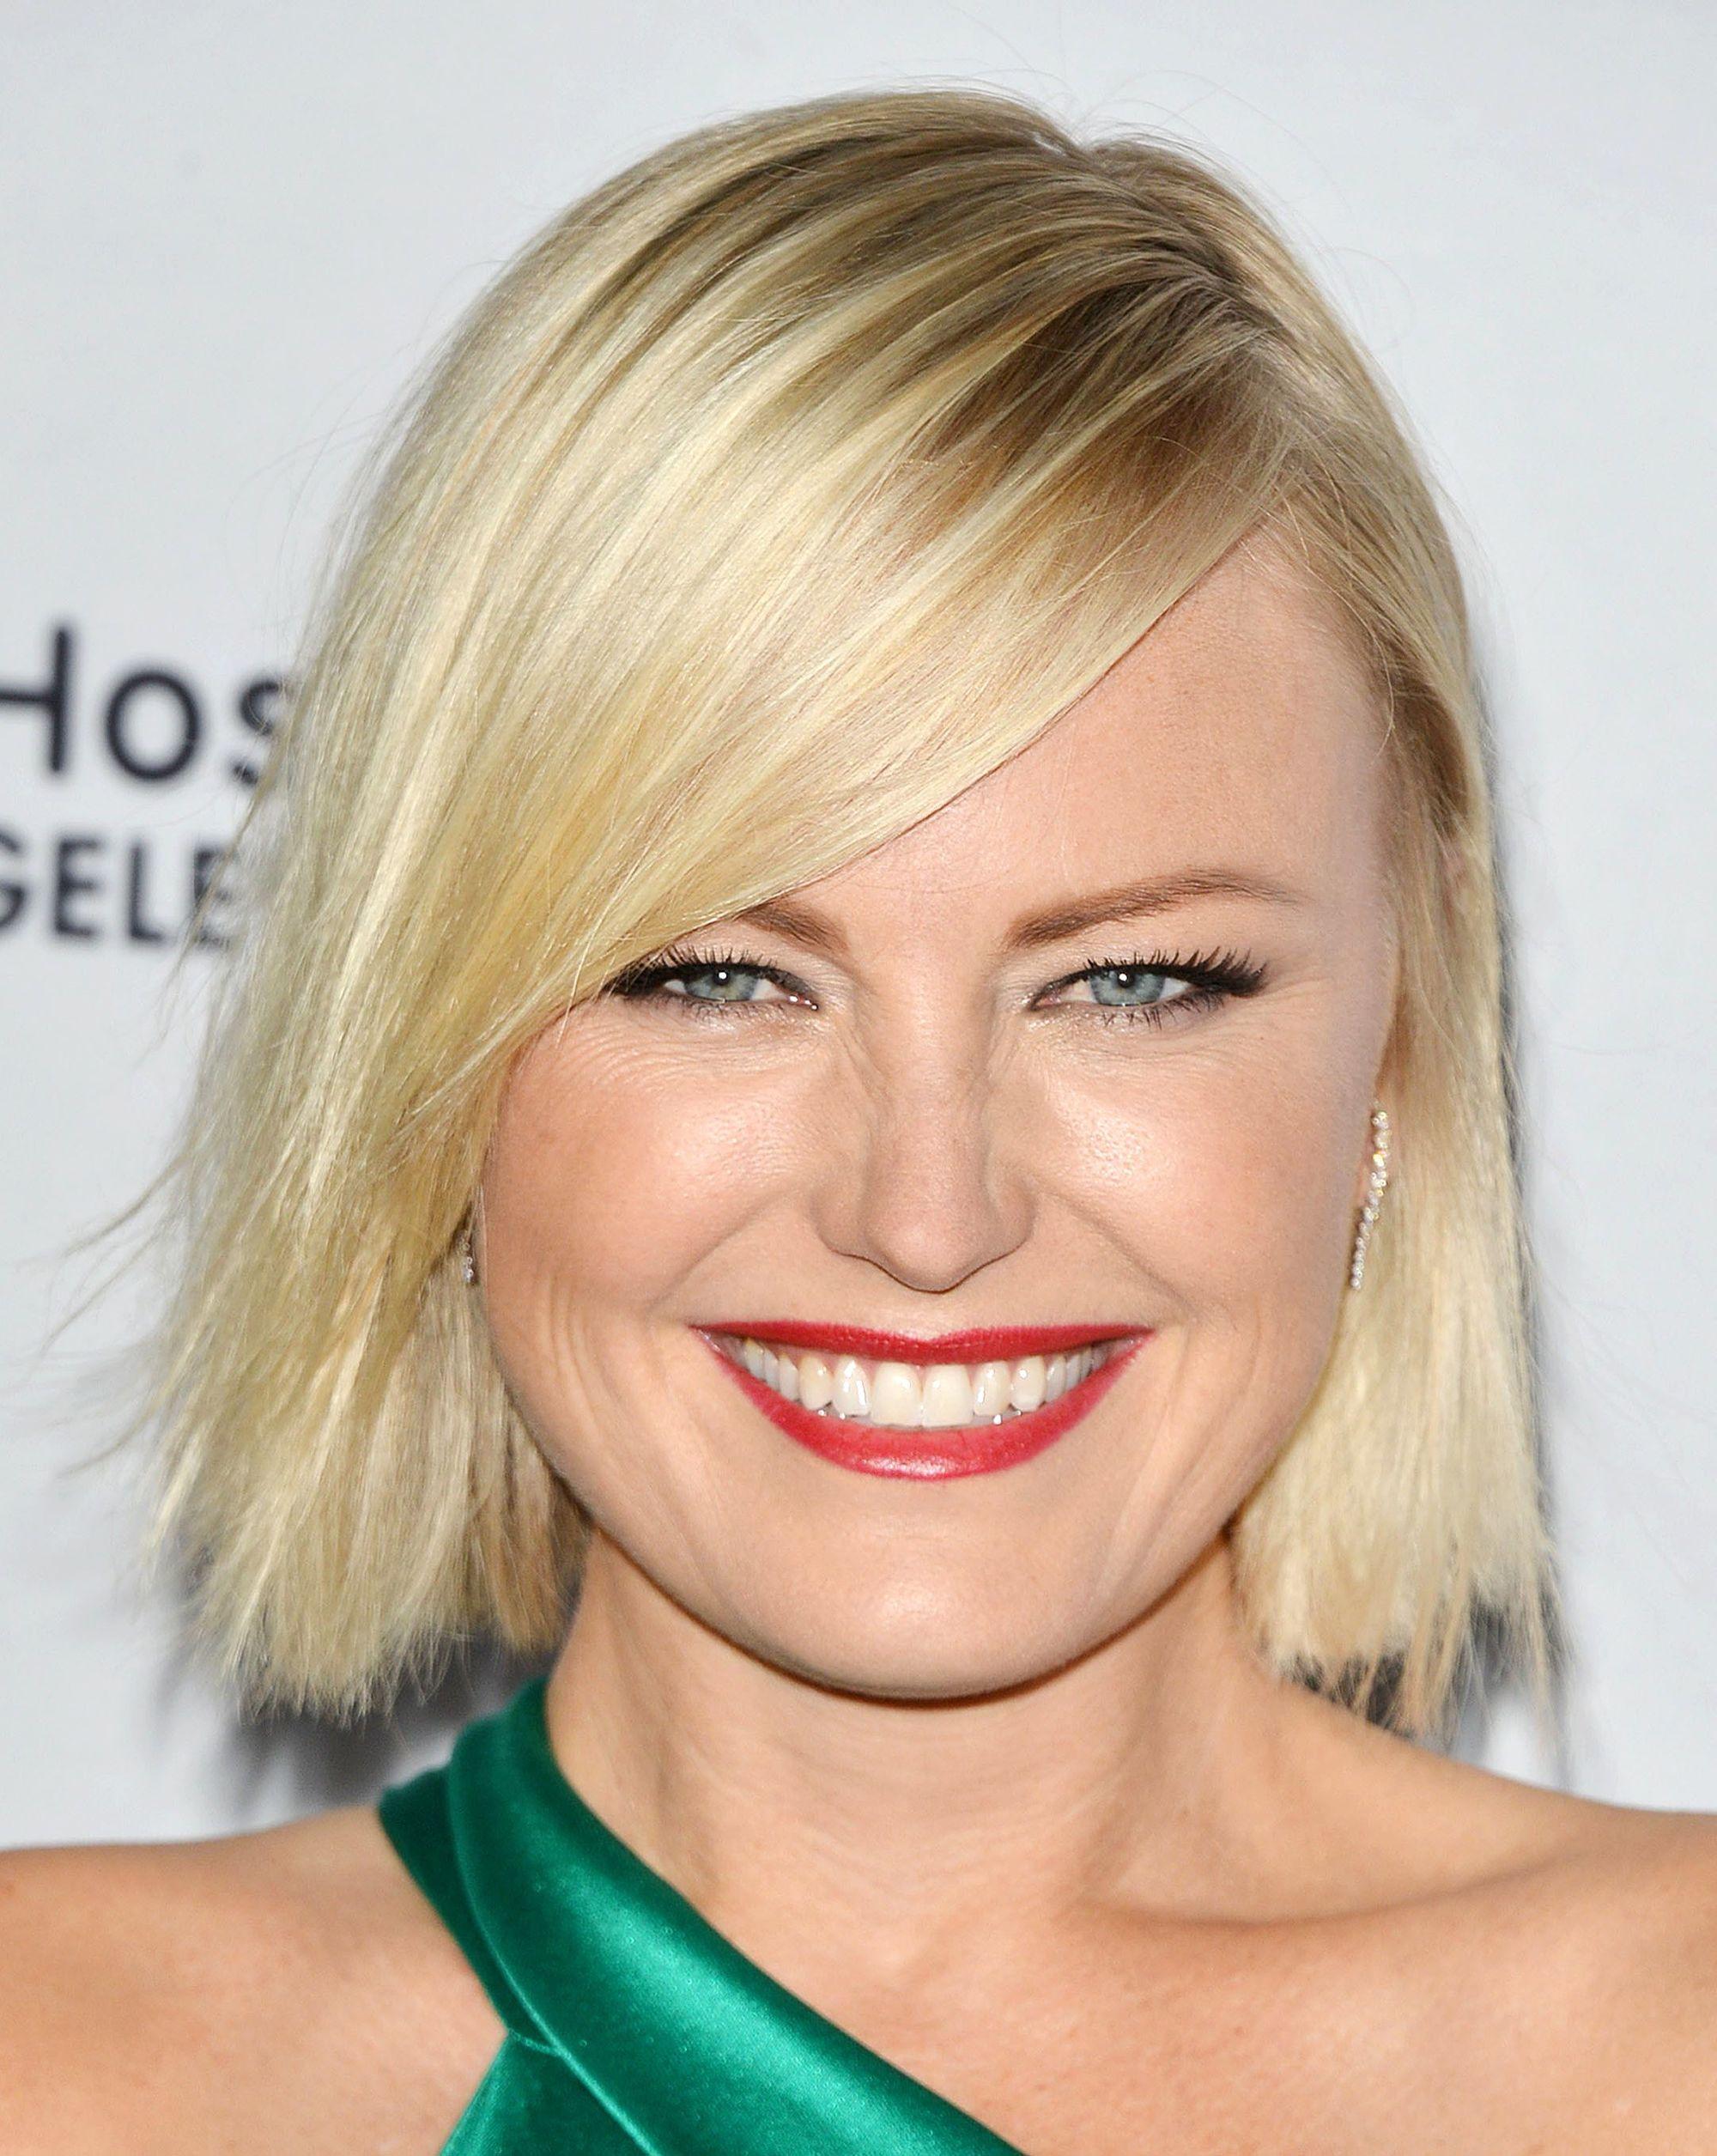 Malin Akerman avec une coupe blonde courte et droite avec une frange sur le côté.